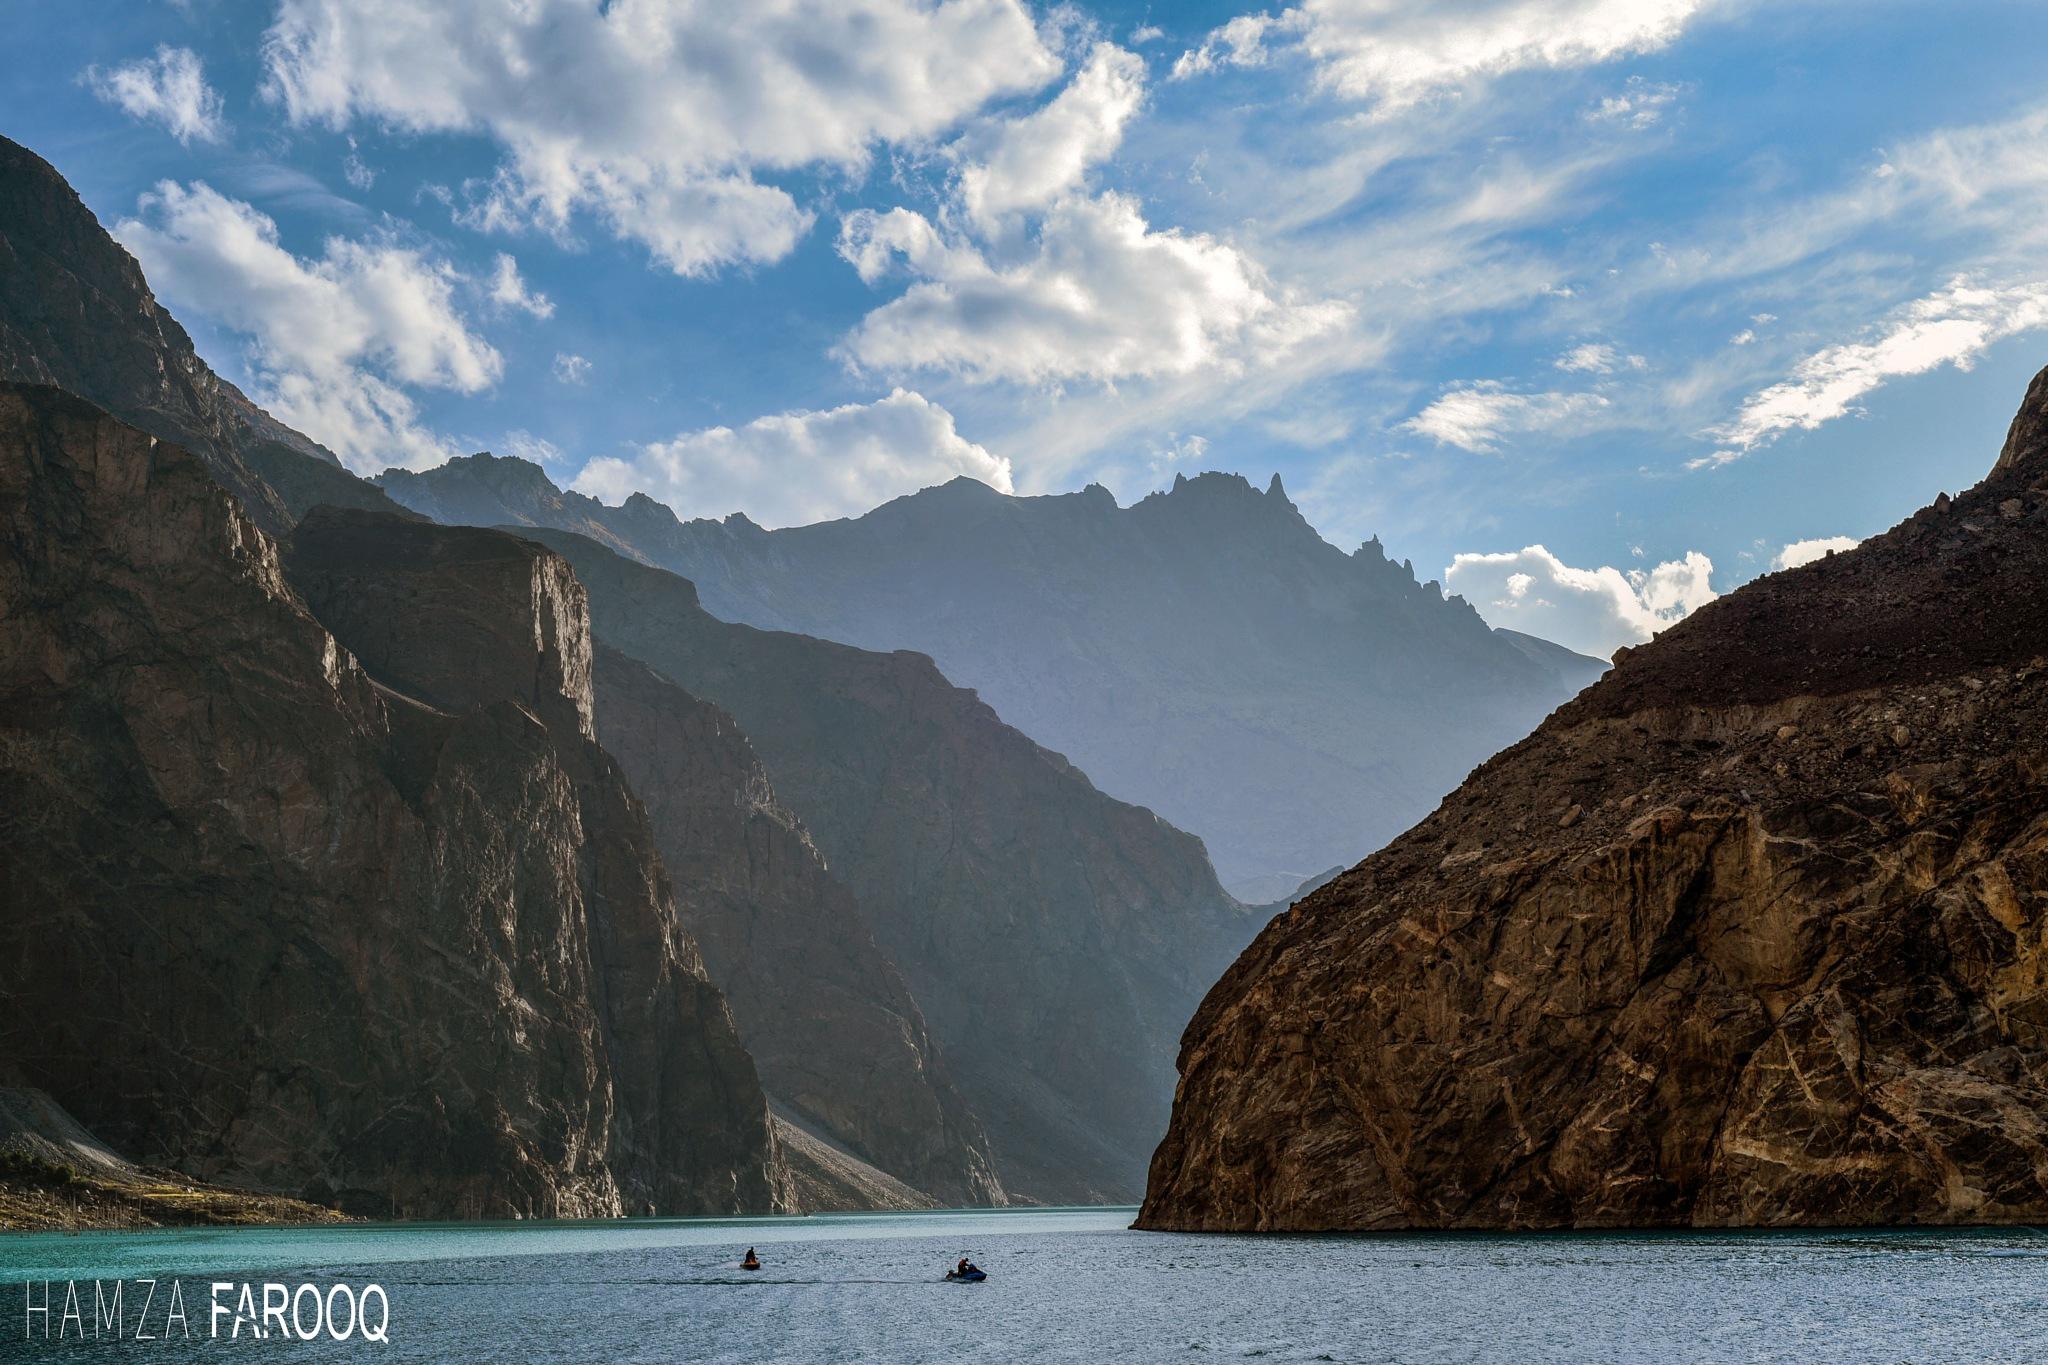 This Beauty by Hamza Farooq